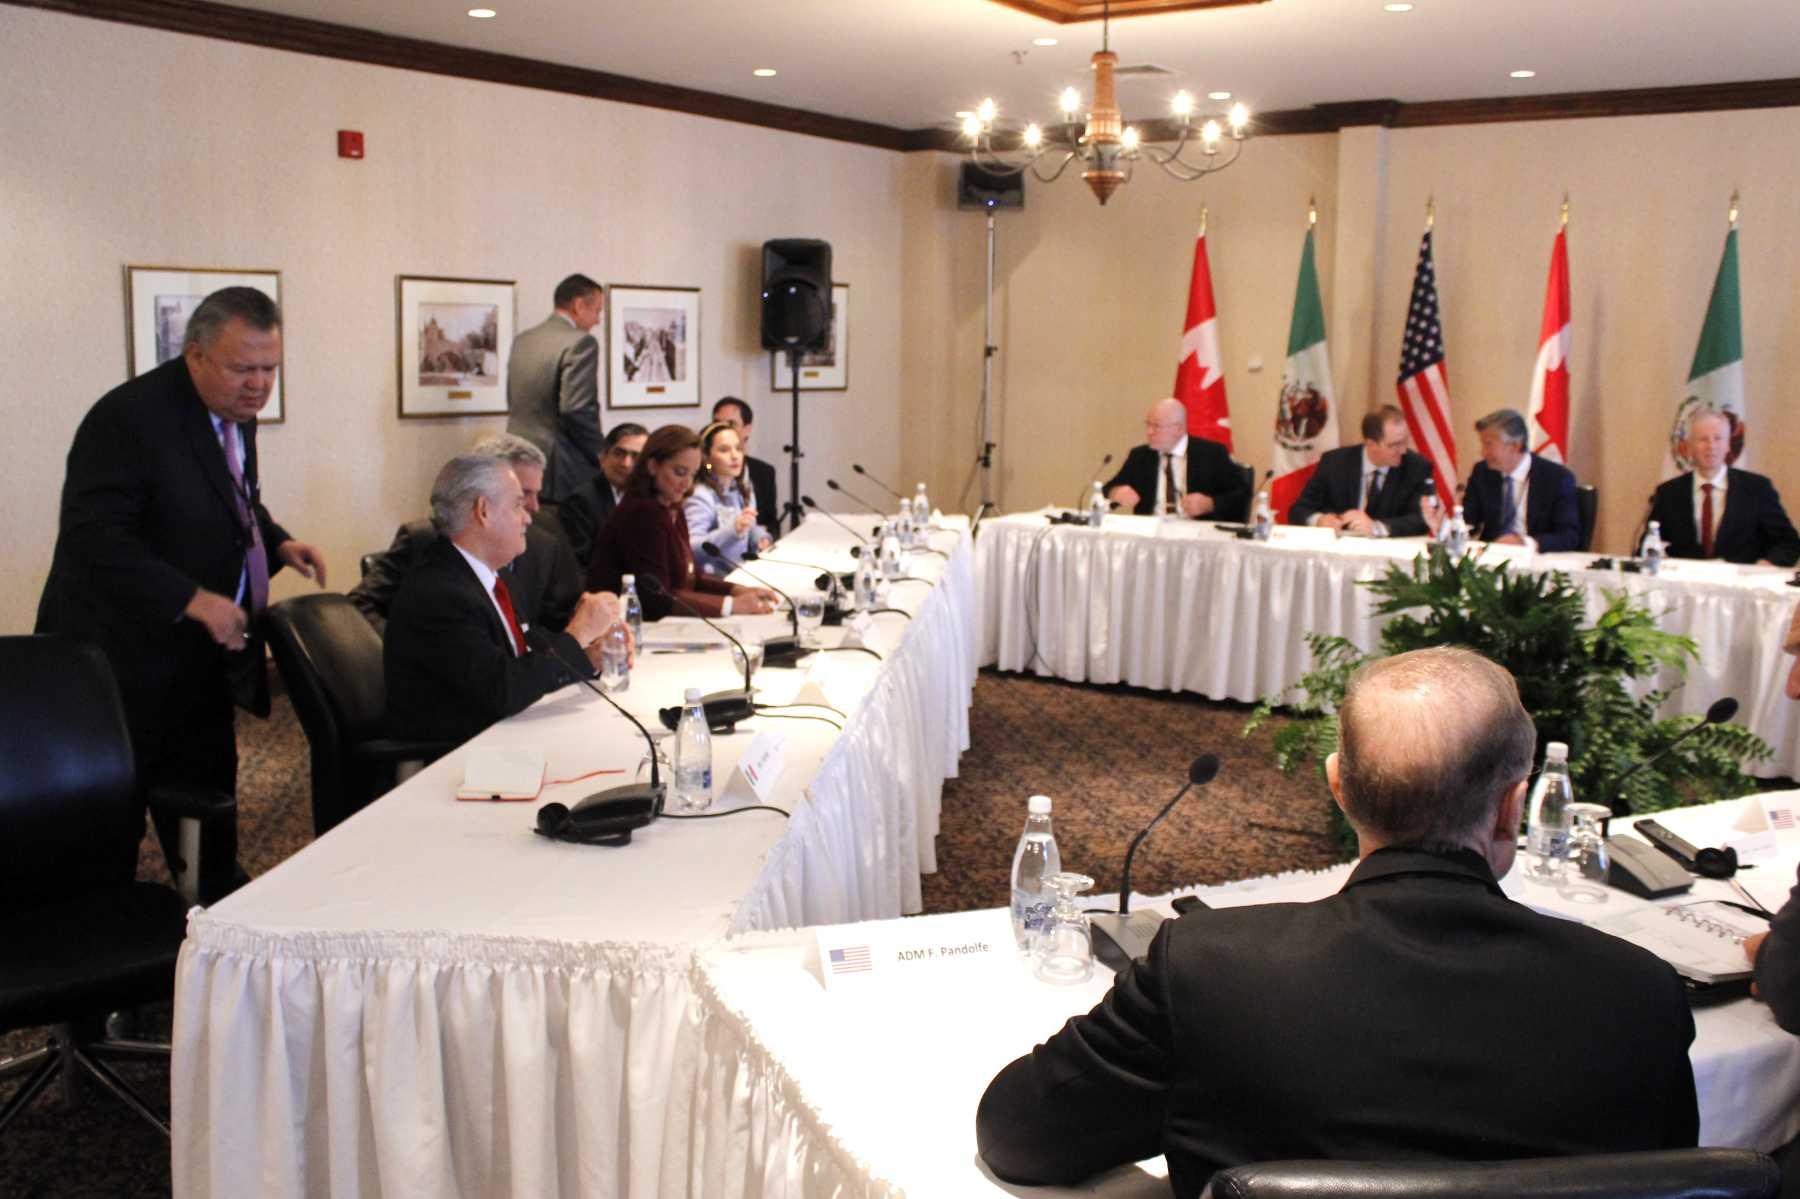 FOTO 5 Canciller Claudia Ruiz Massieu en la sesi n de trabajo trilateral con las delegaciones de Canad  y Estados Unidos  en Quebec.jpg